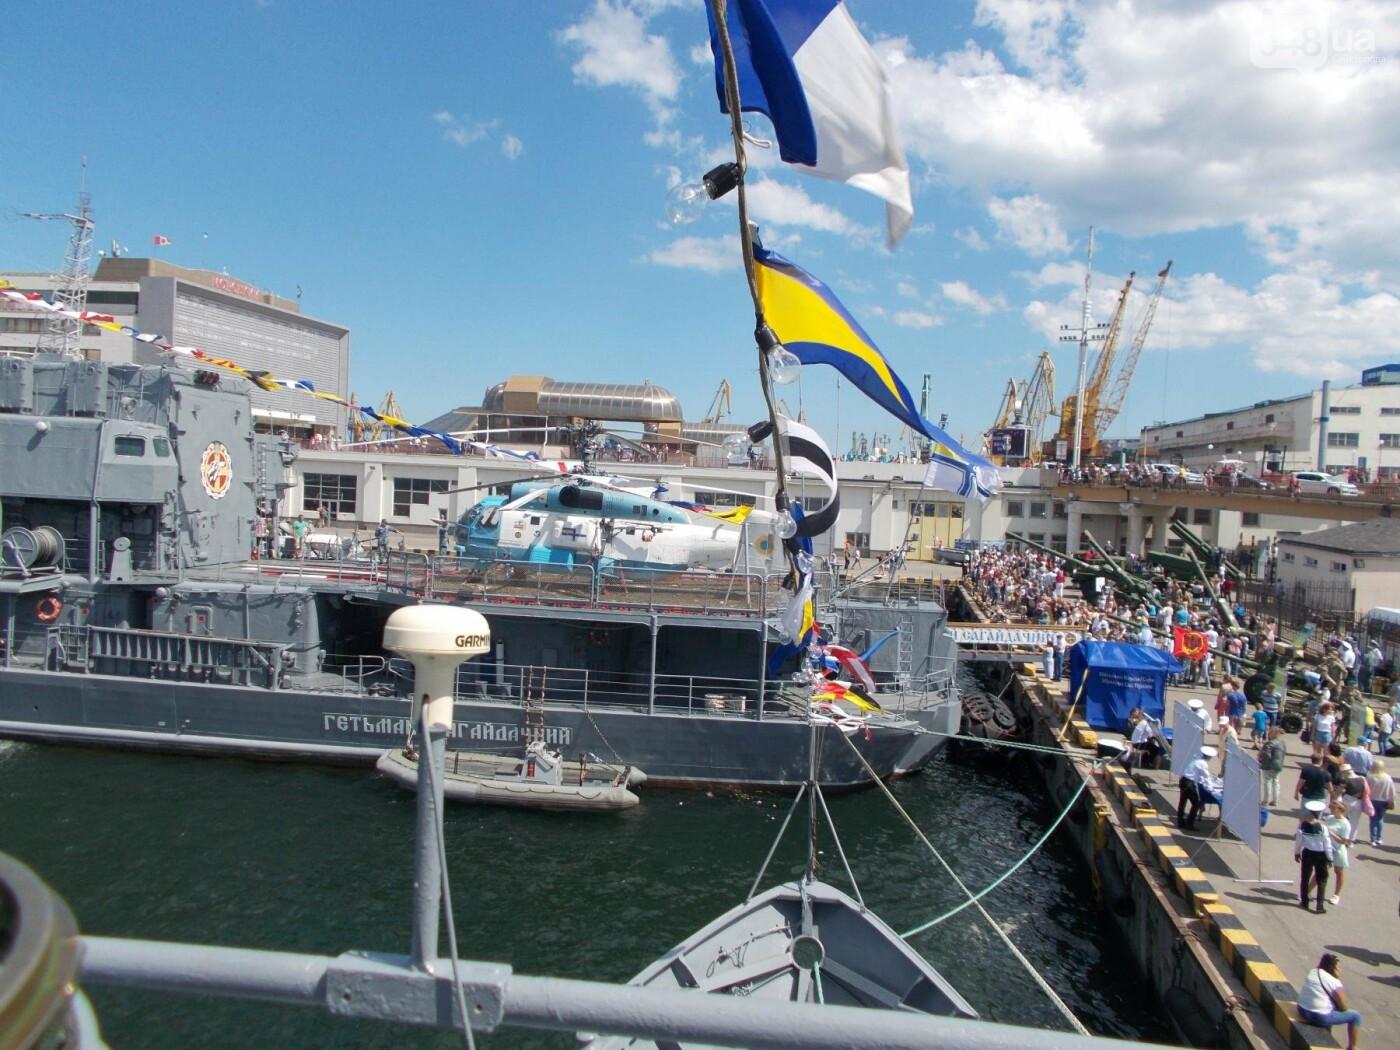 День Военно-морских сил Украины отпраздновали на Одесском морвокзале, - ФОТО , фото-16